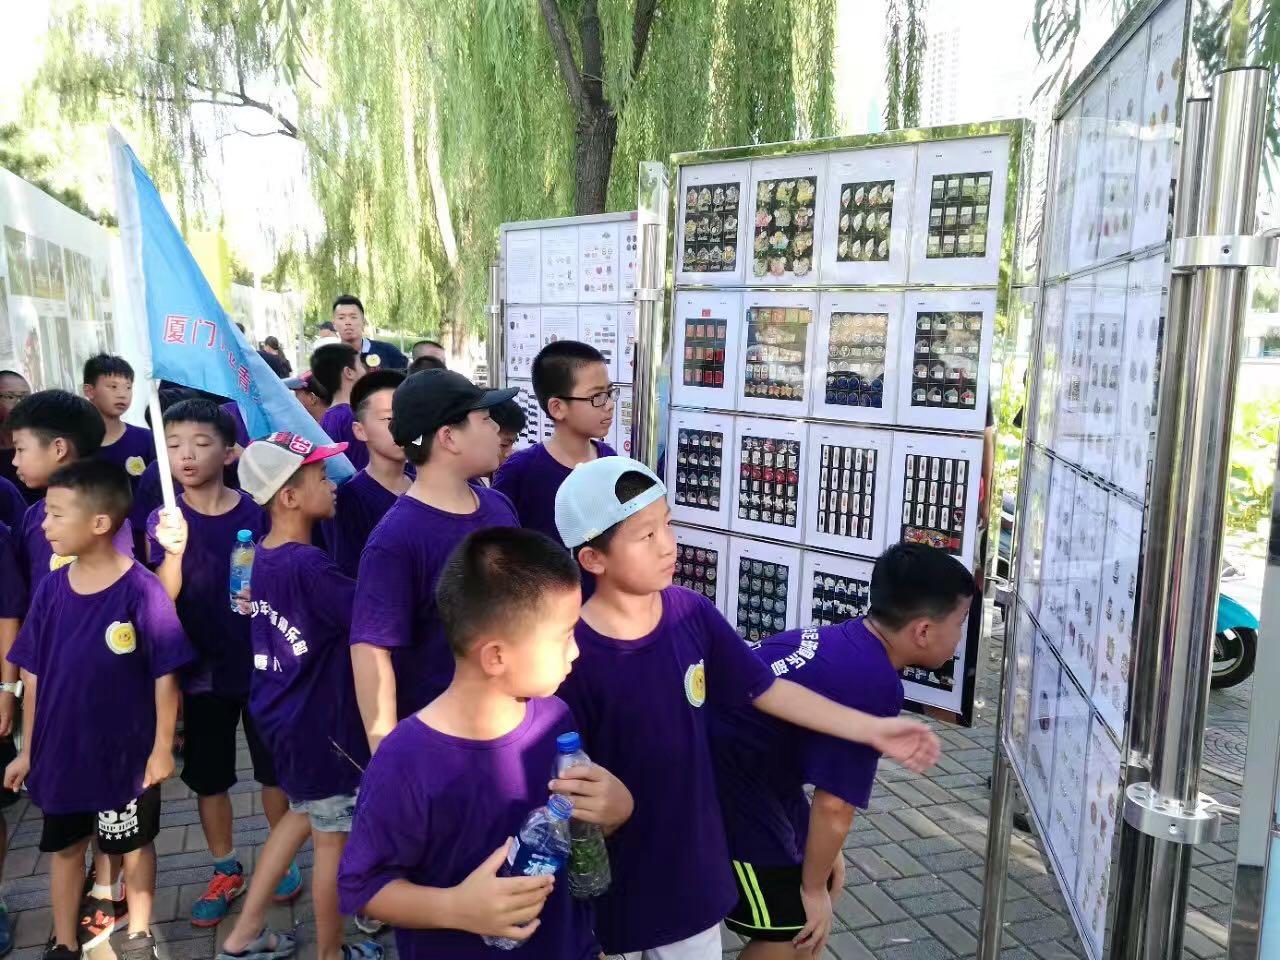 全民健身日 中国体育与奥林匹克徽章展吸睛